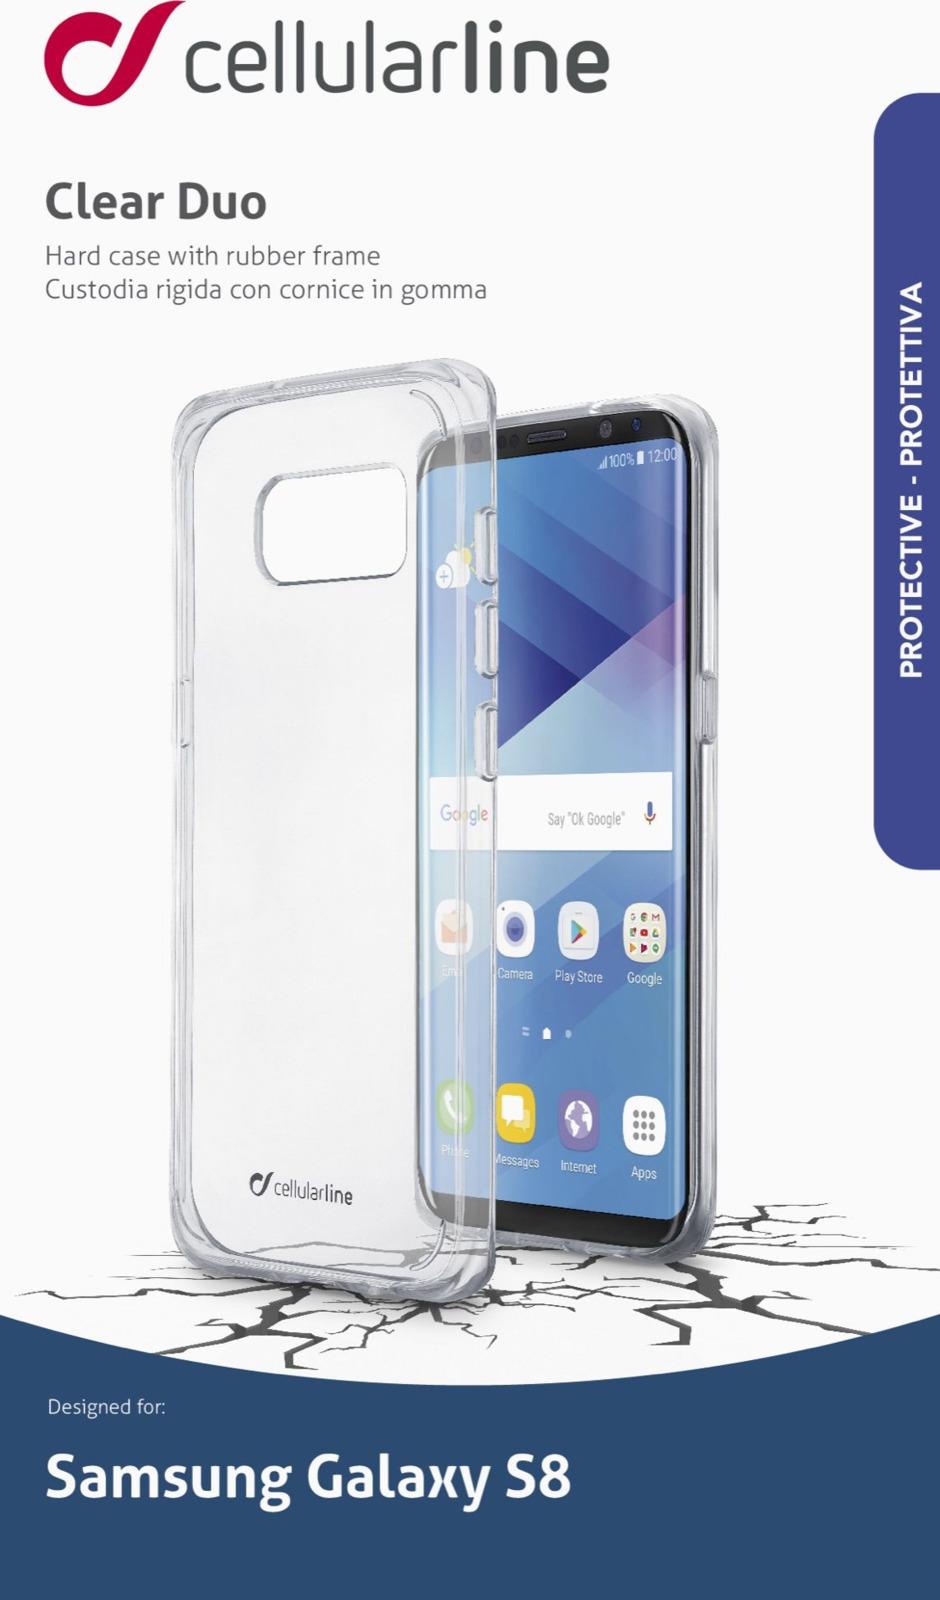 Чехол Cellularline для Samsung Galaxy S8, CLEARDUOGALS8T, прозрачный чехол samsung eb wg95ebbrgru для samsung galaxy s8 защитное стекло черный